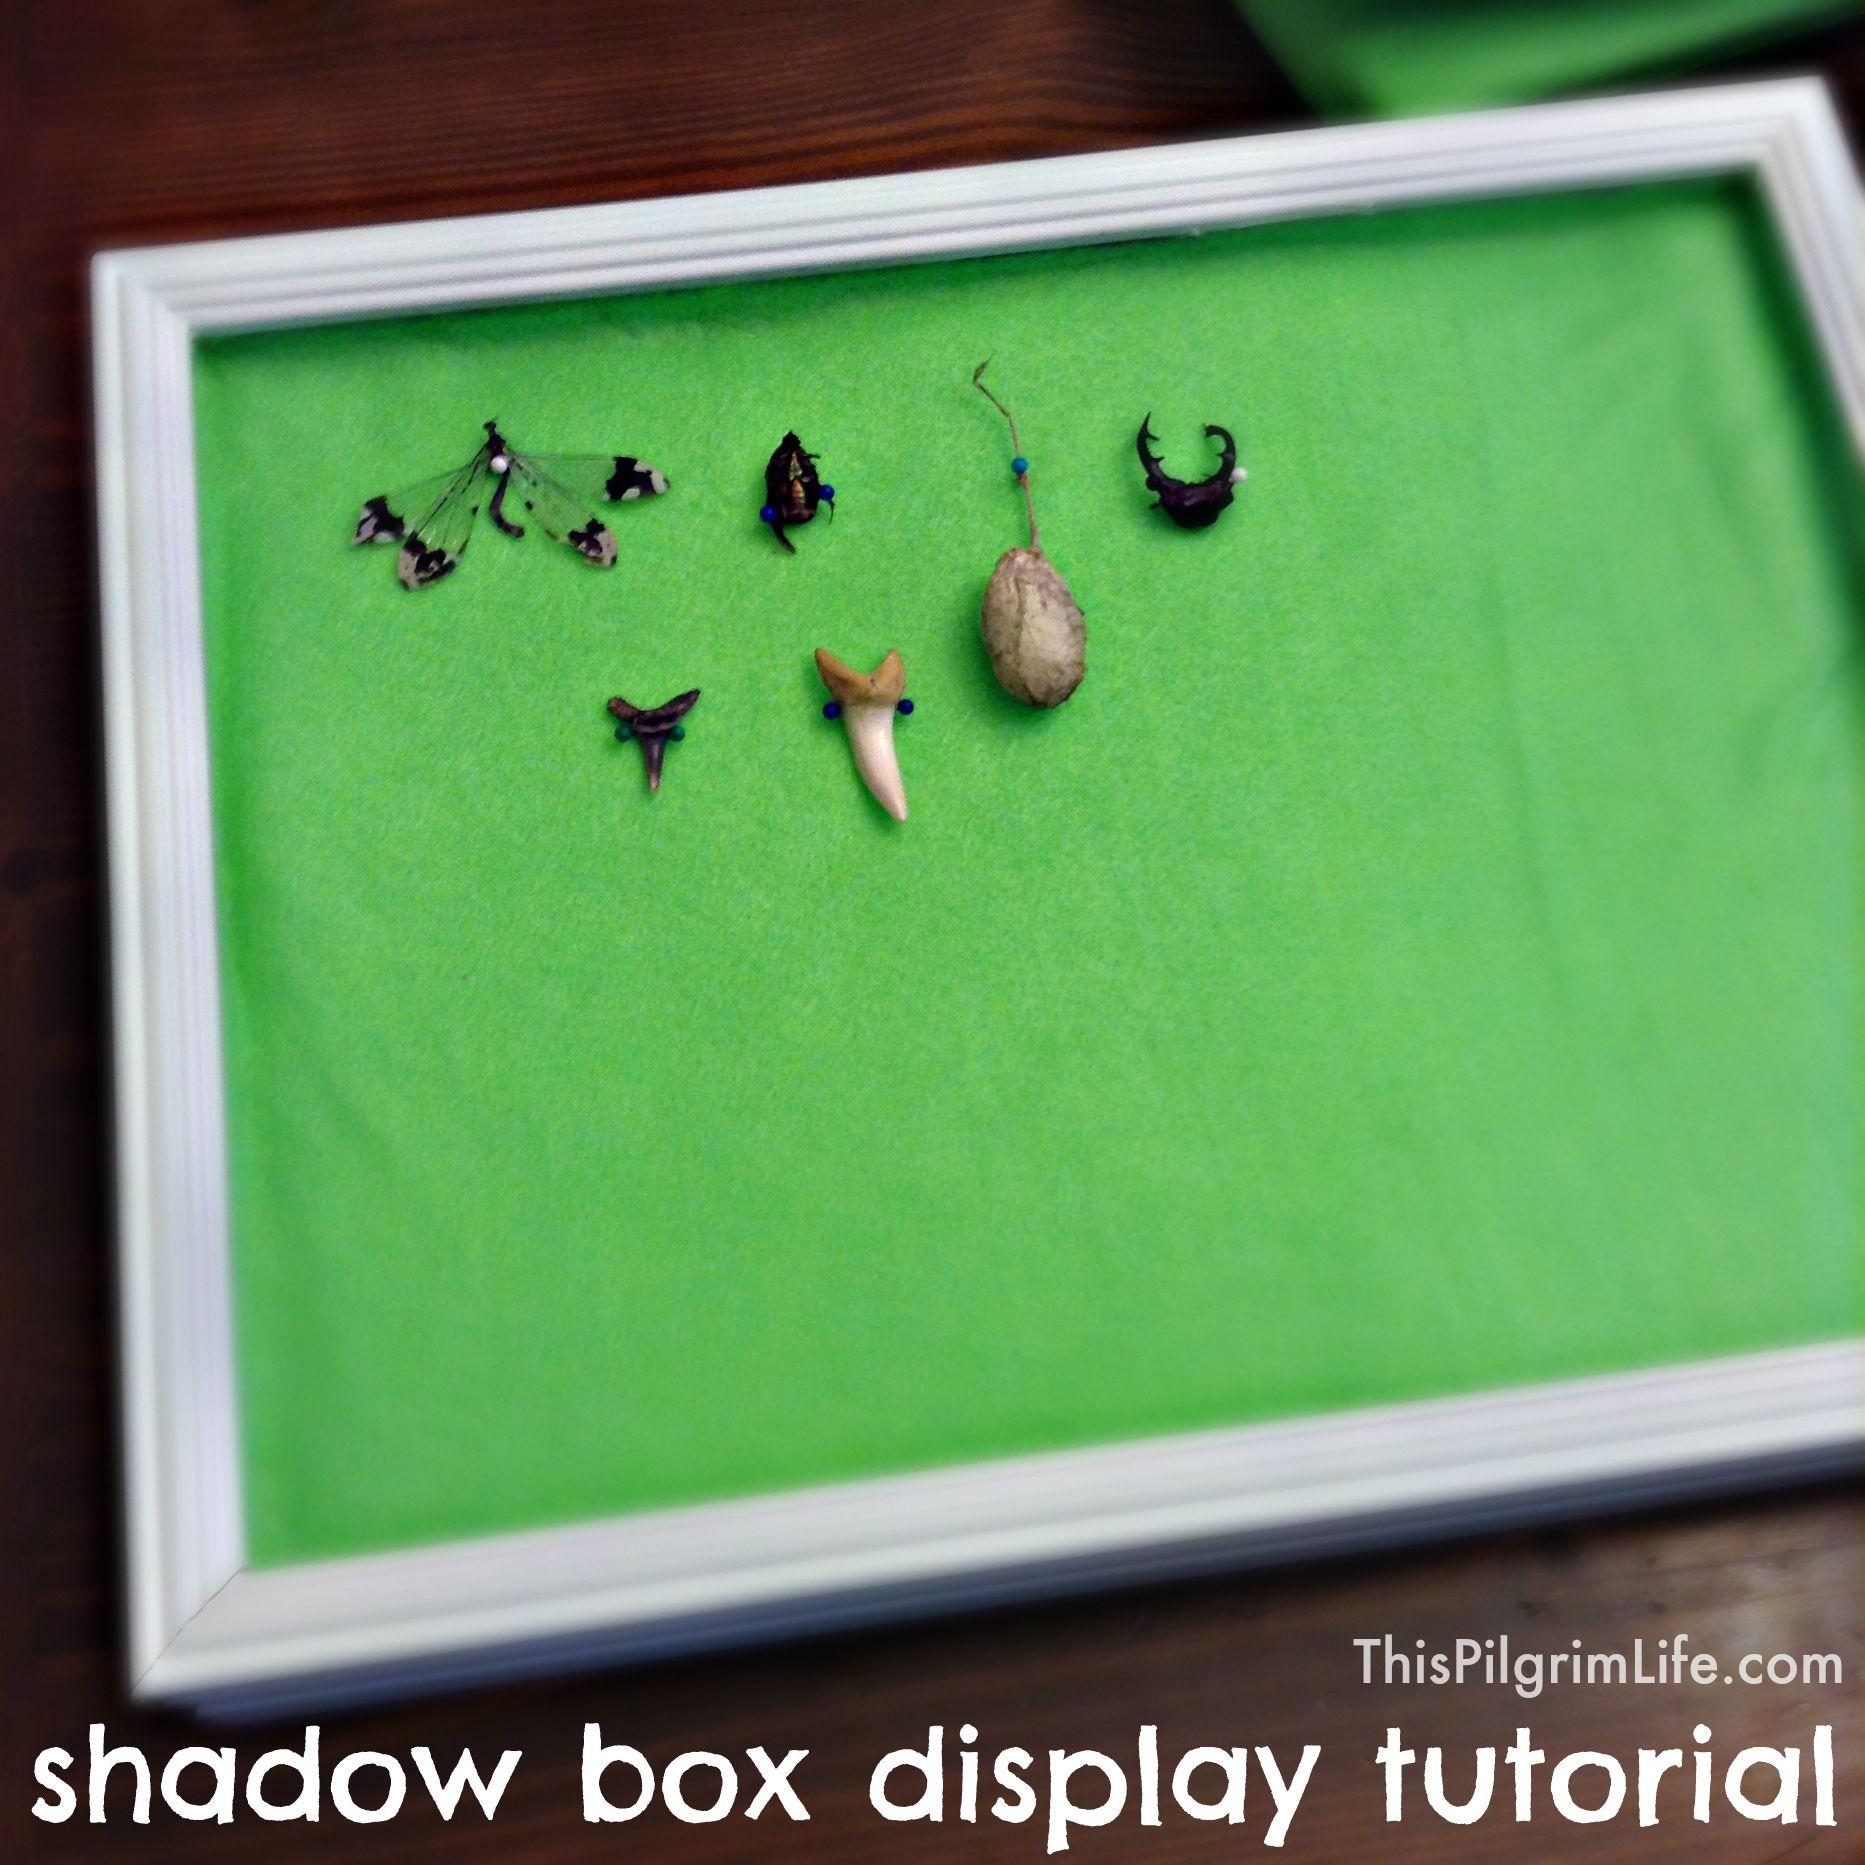 Shadow Box Display Tutorial - This Pilgrim Life